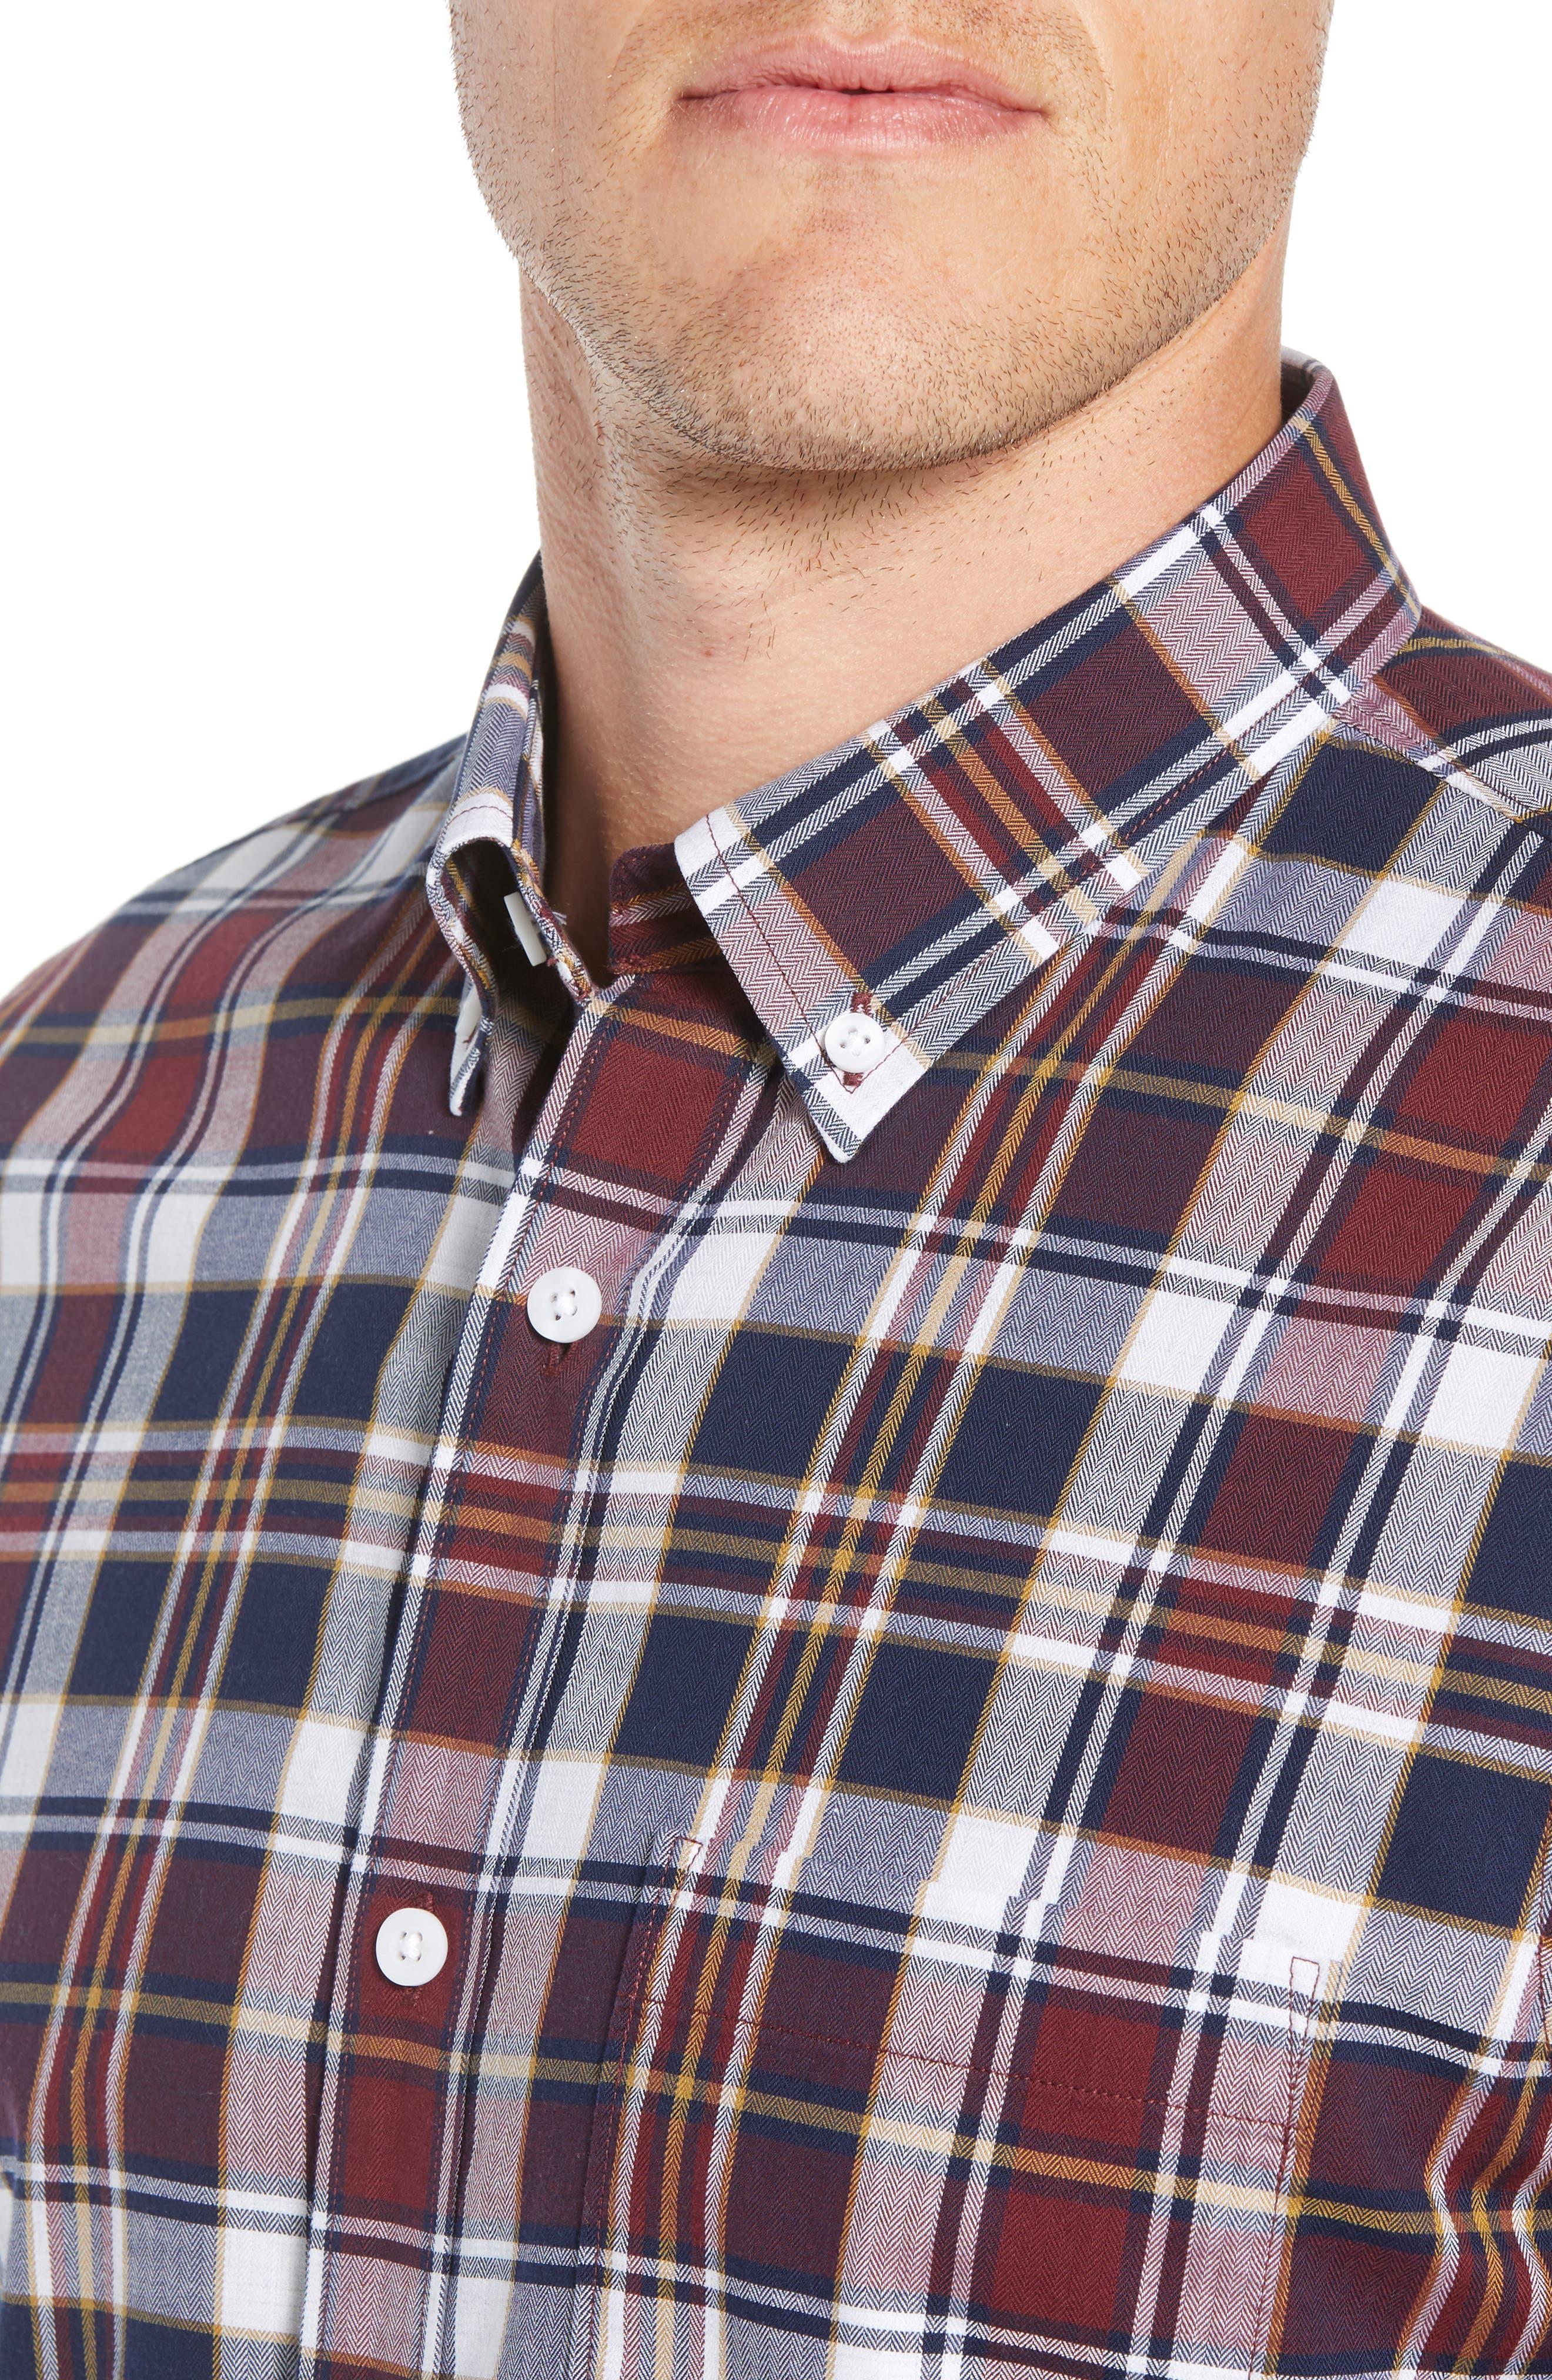 Trim Fit Plaid Sport Shirt,                             Alternate thumbnail 2, color,                             410